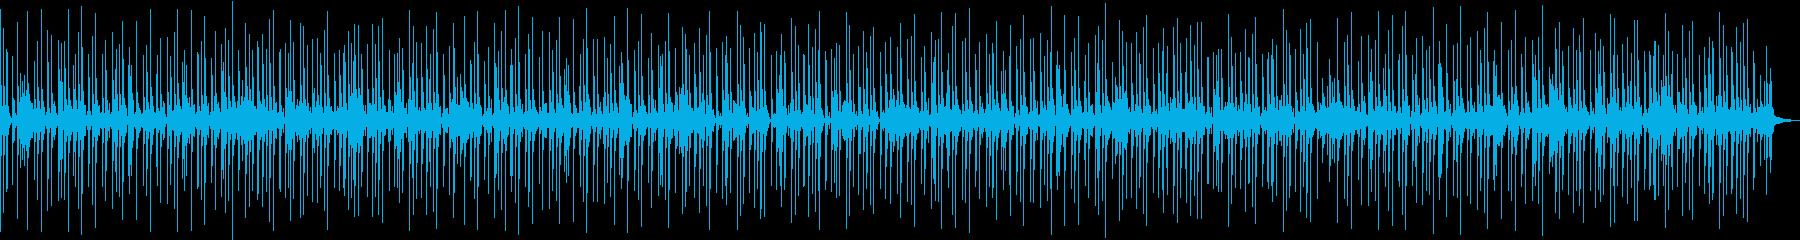 喋り動画用_お洒落なドラムソロBGMの再生済みの波形